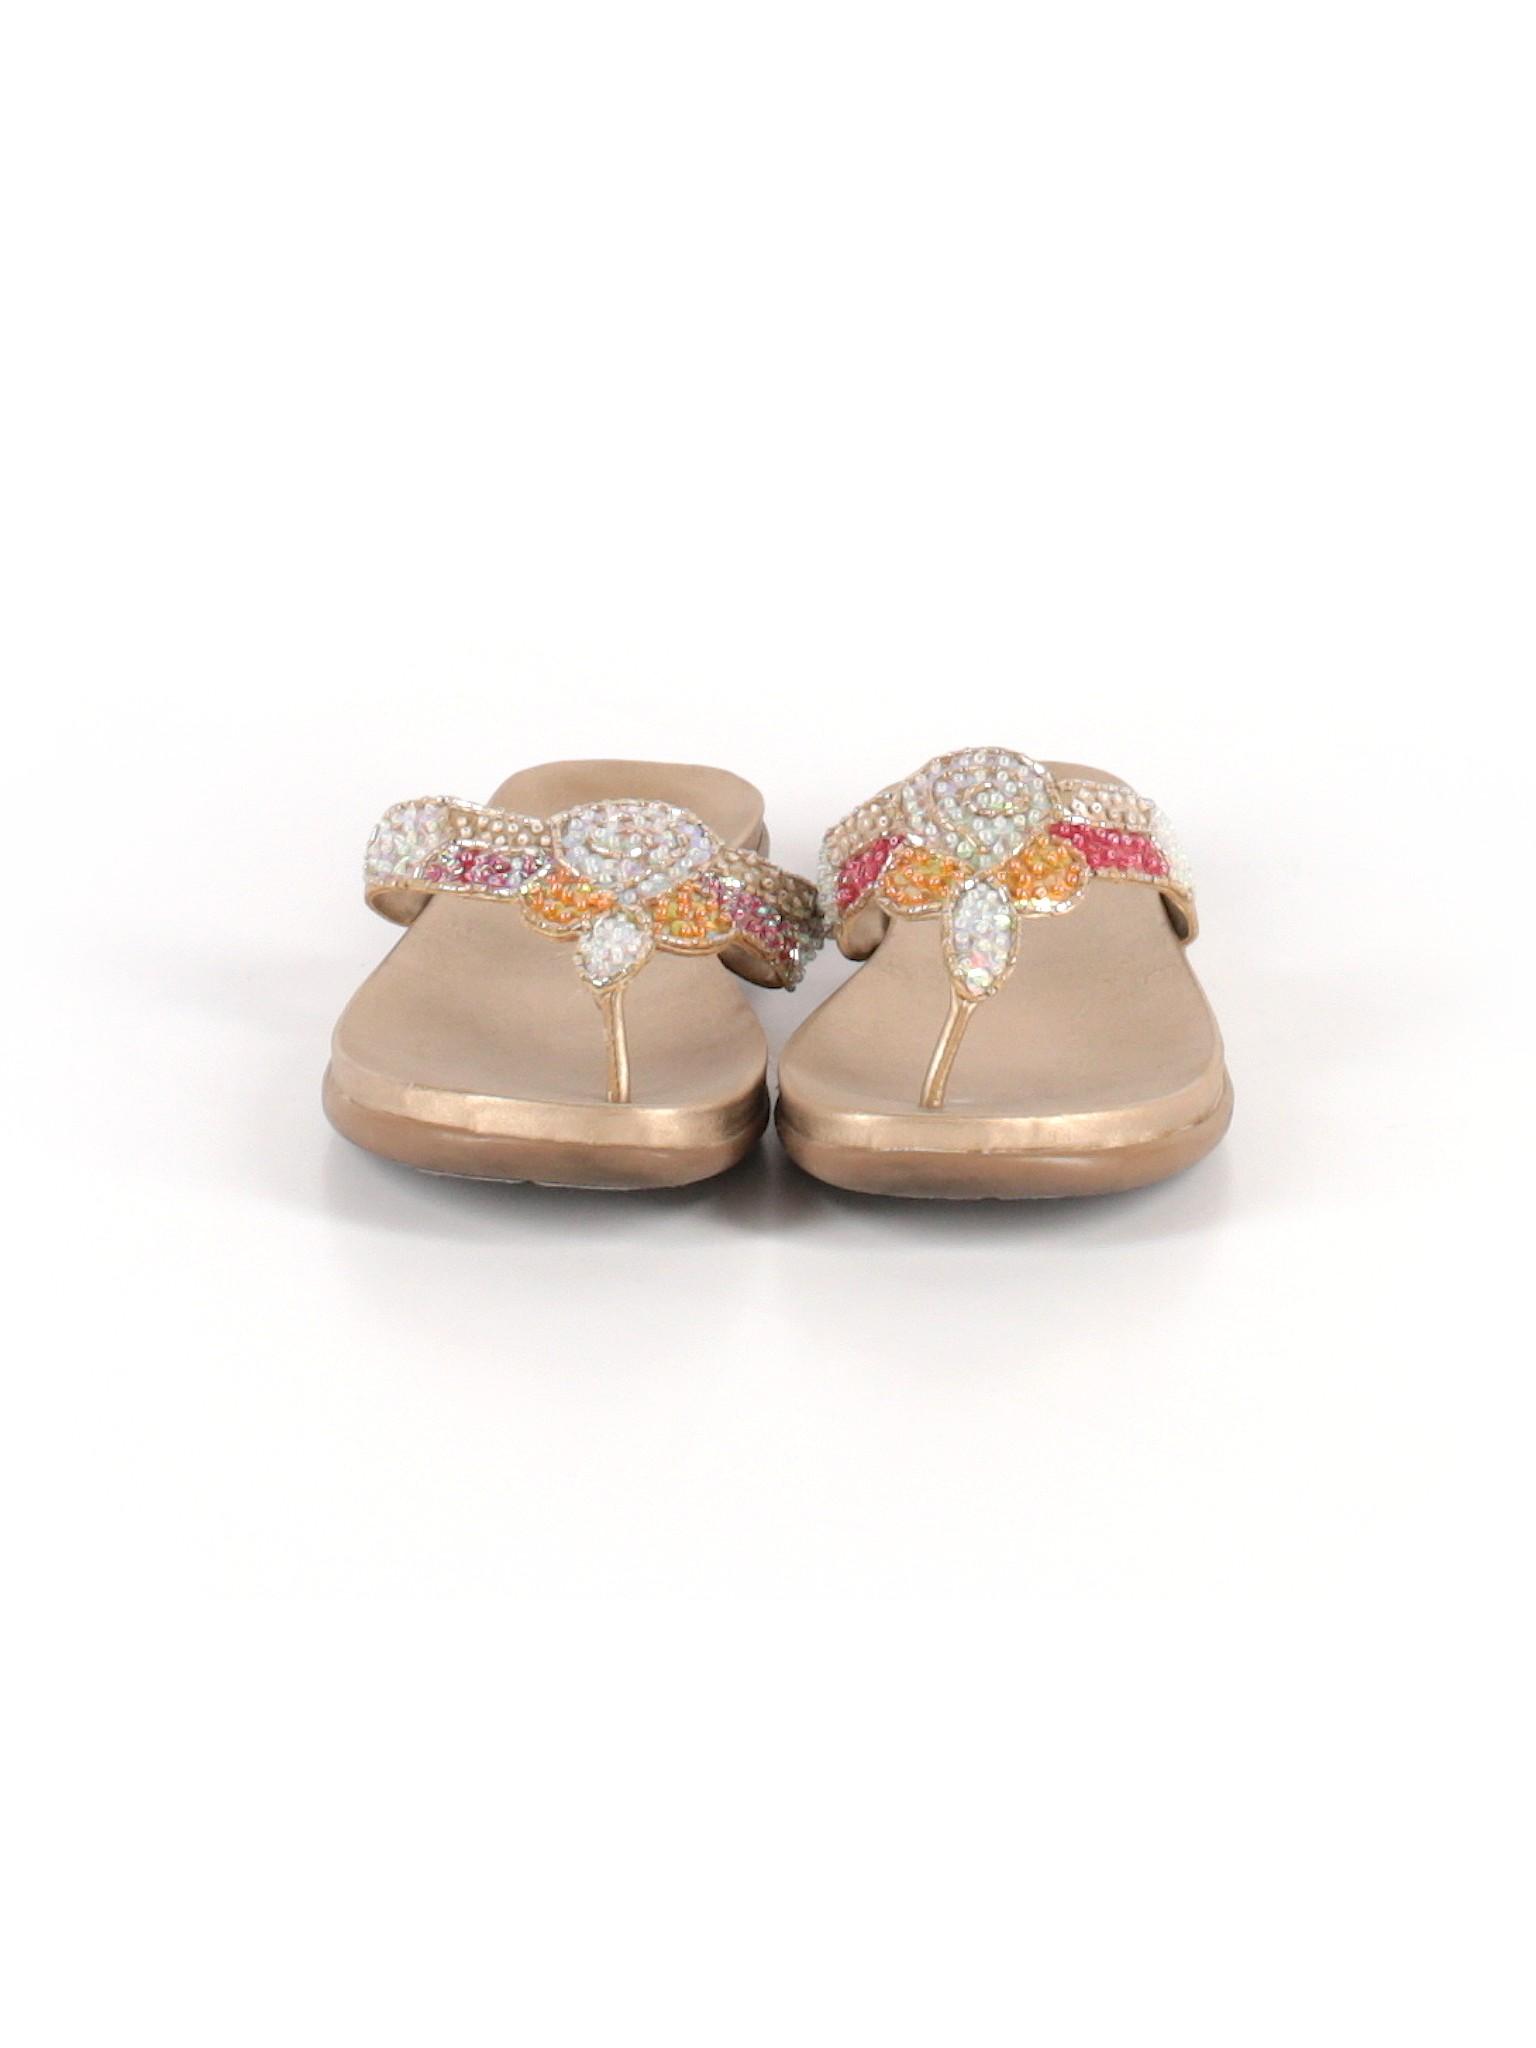 Cole Sandals Kenneth promotion REACTION Boutique 4wqT7T